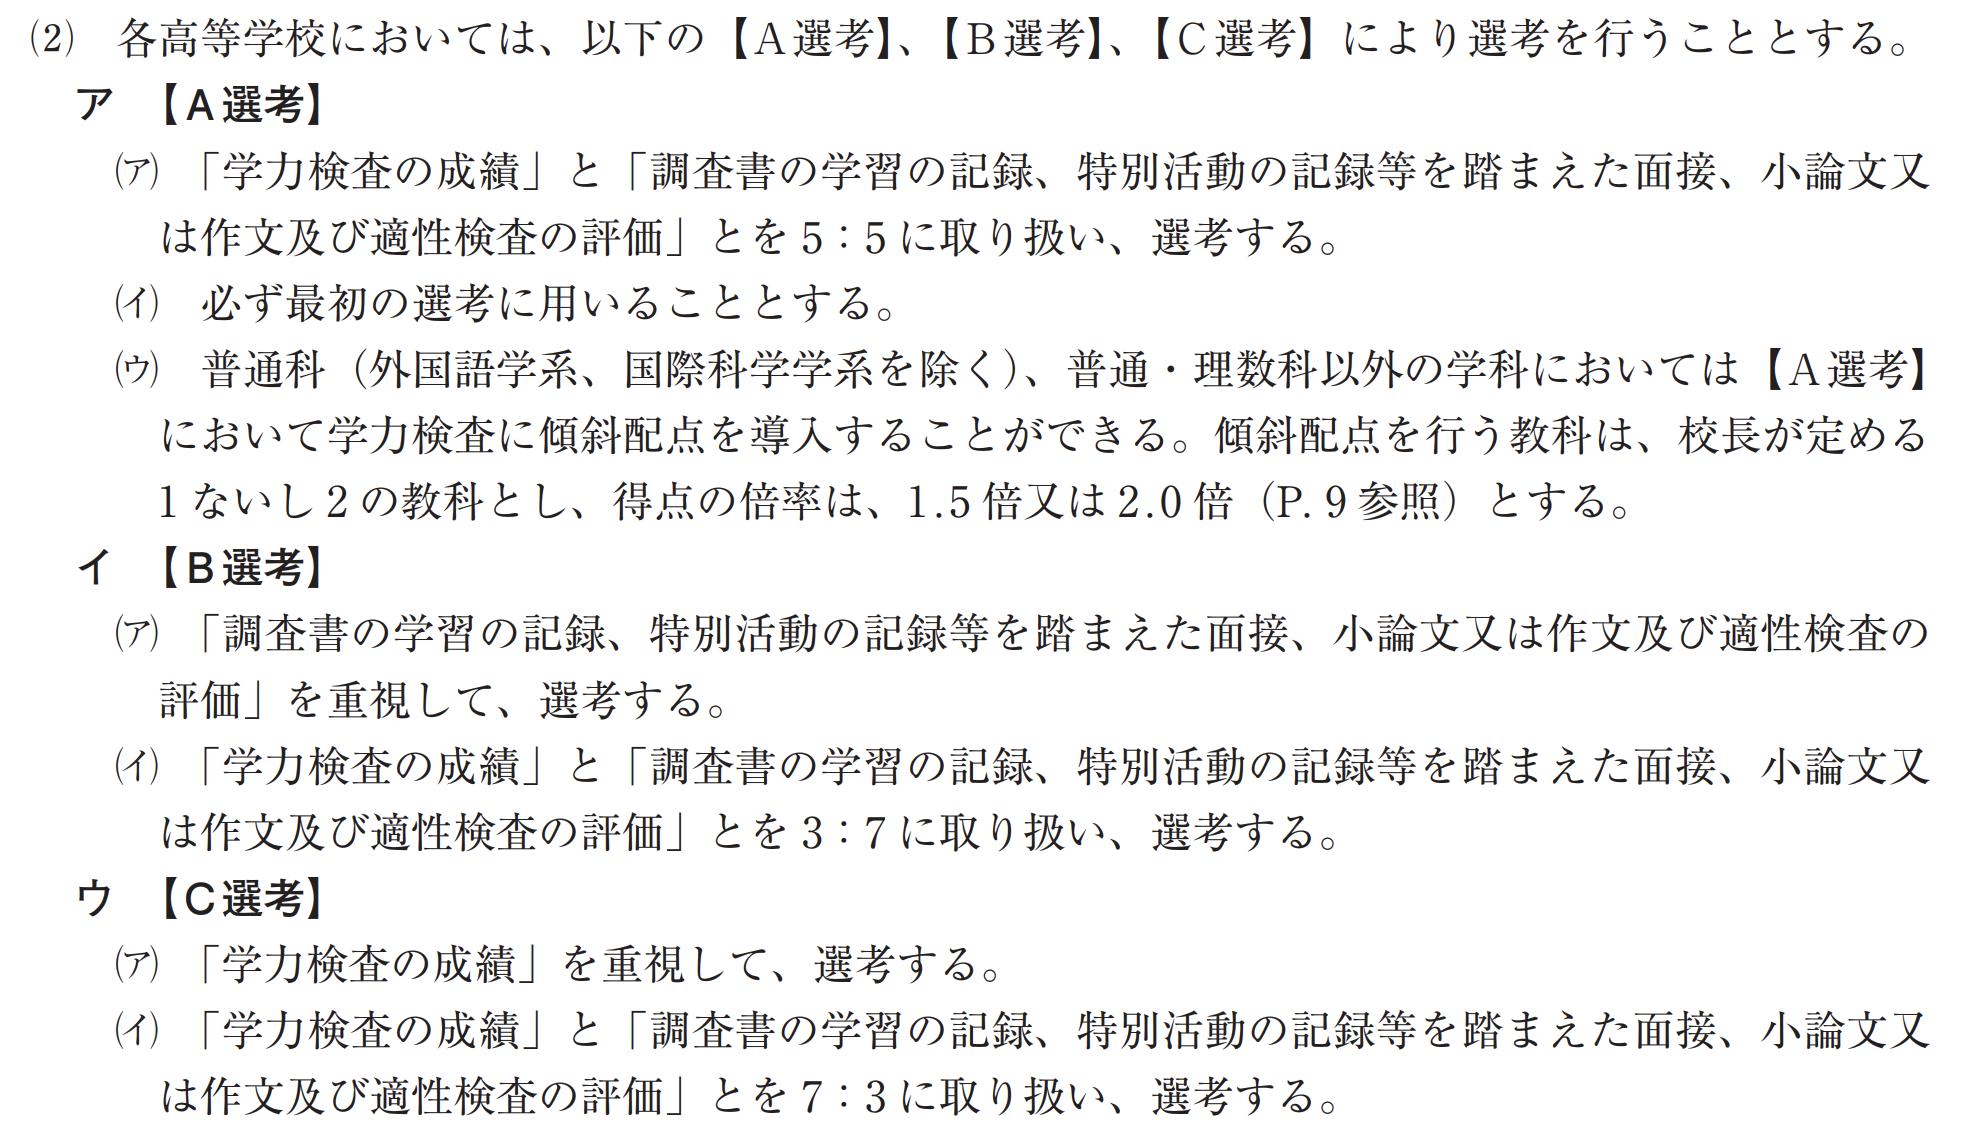 岩手県公立高校入試制度3